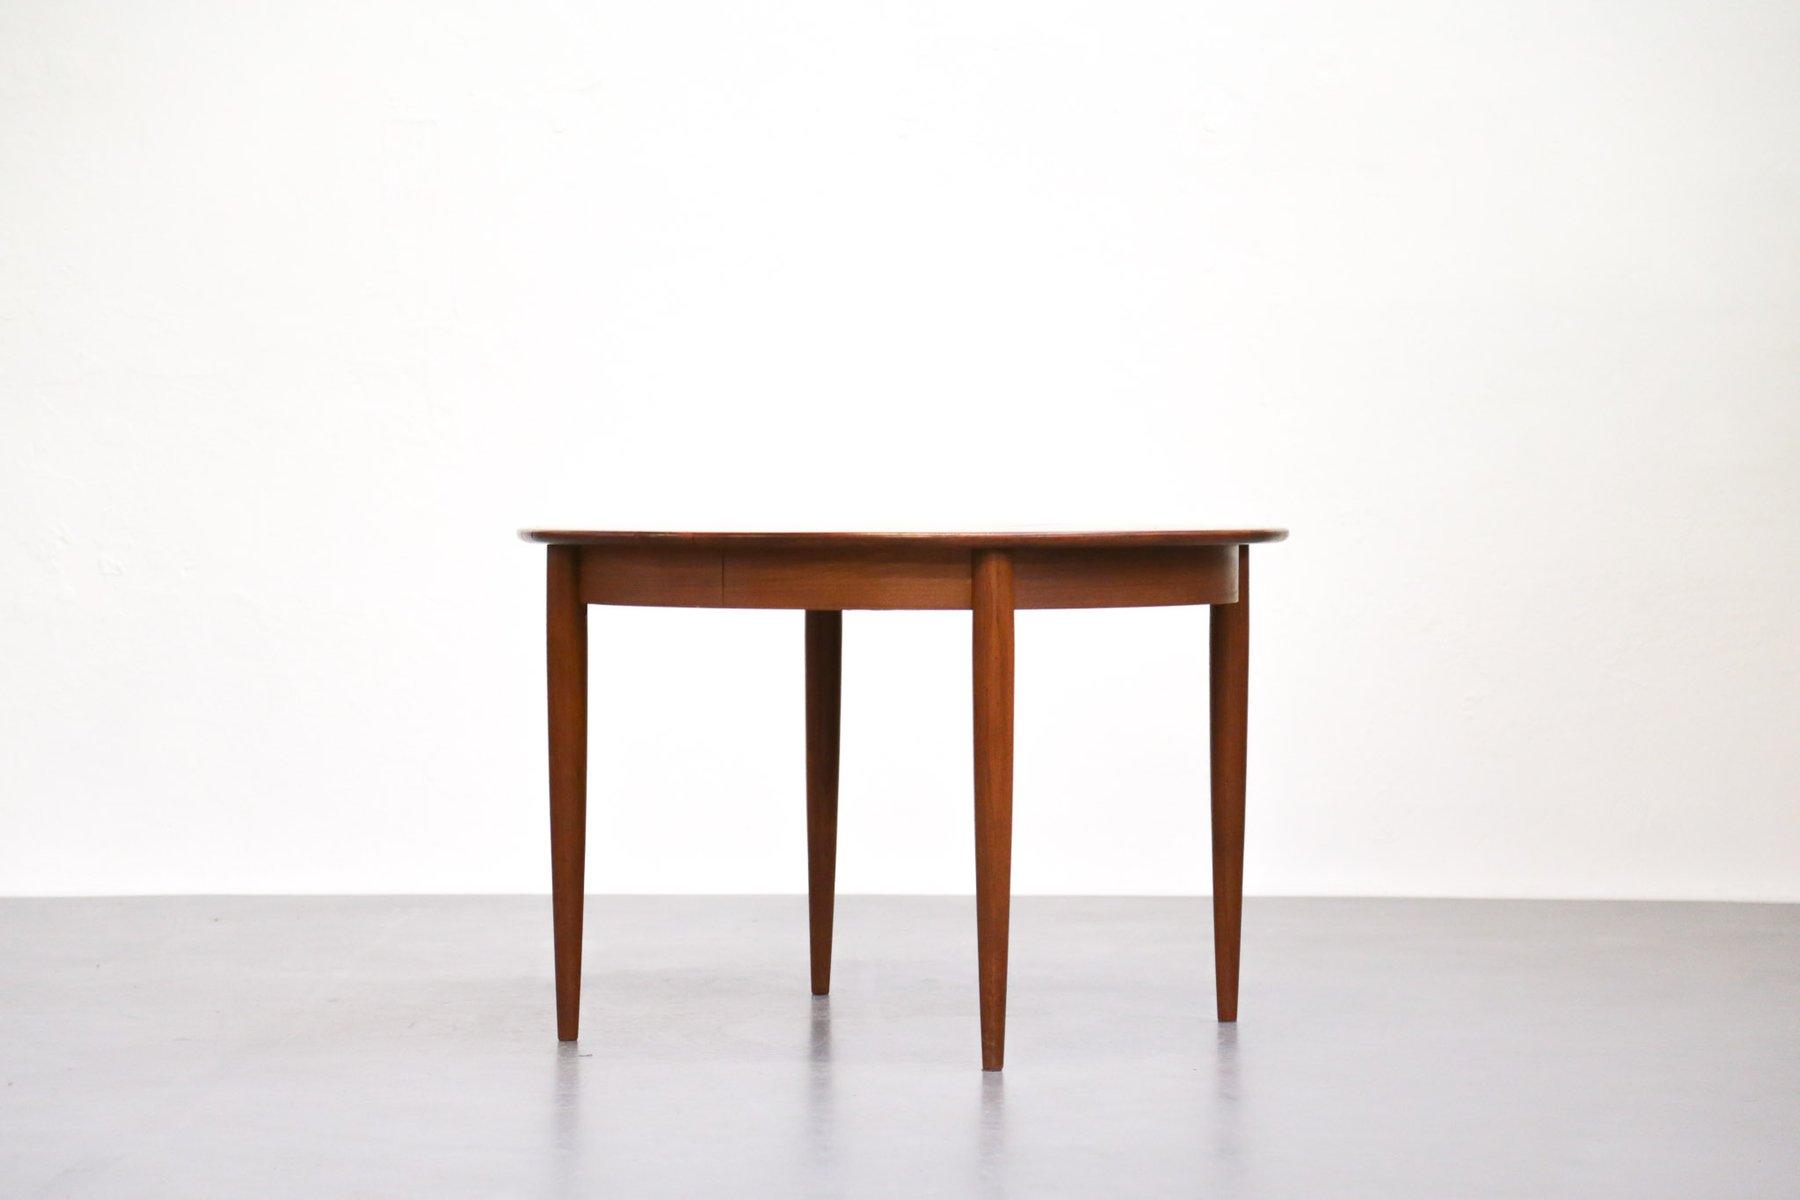 ausziehbarer skandinavischer teak esstisch bei pamono kaufen. Black Bedroom Furniture Sets. Home Design Ideas